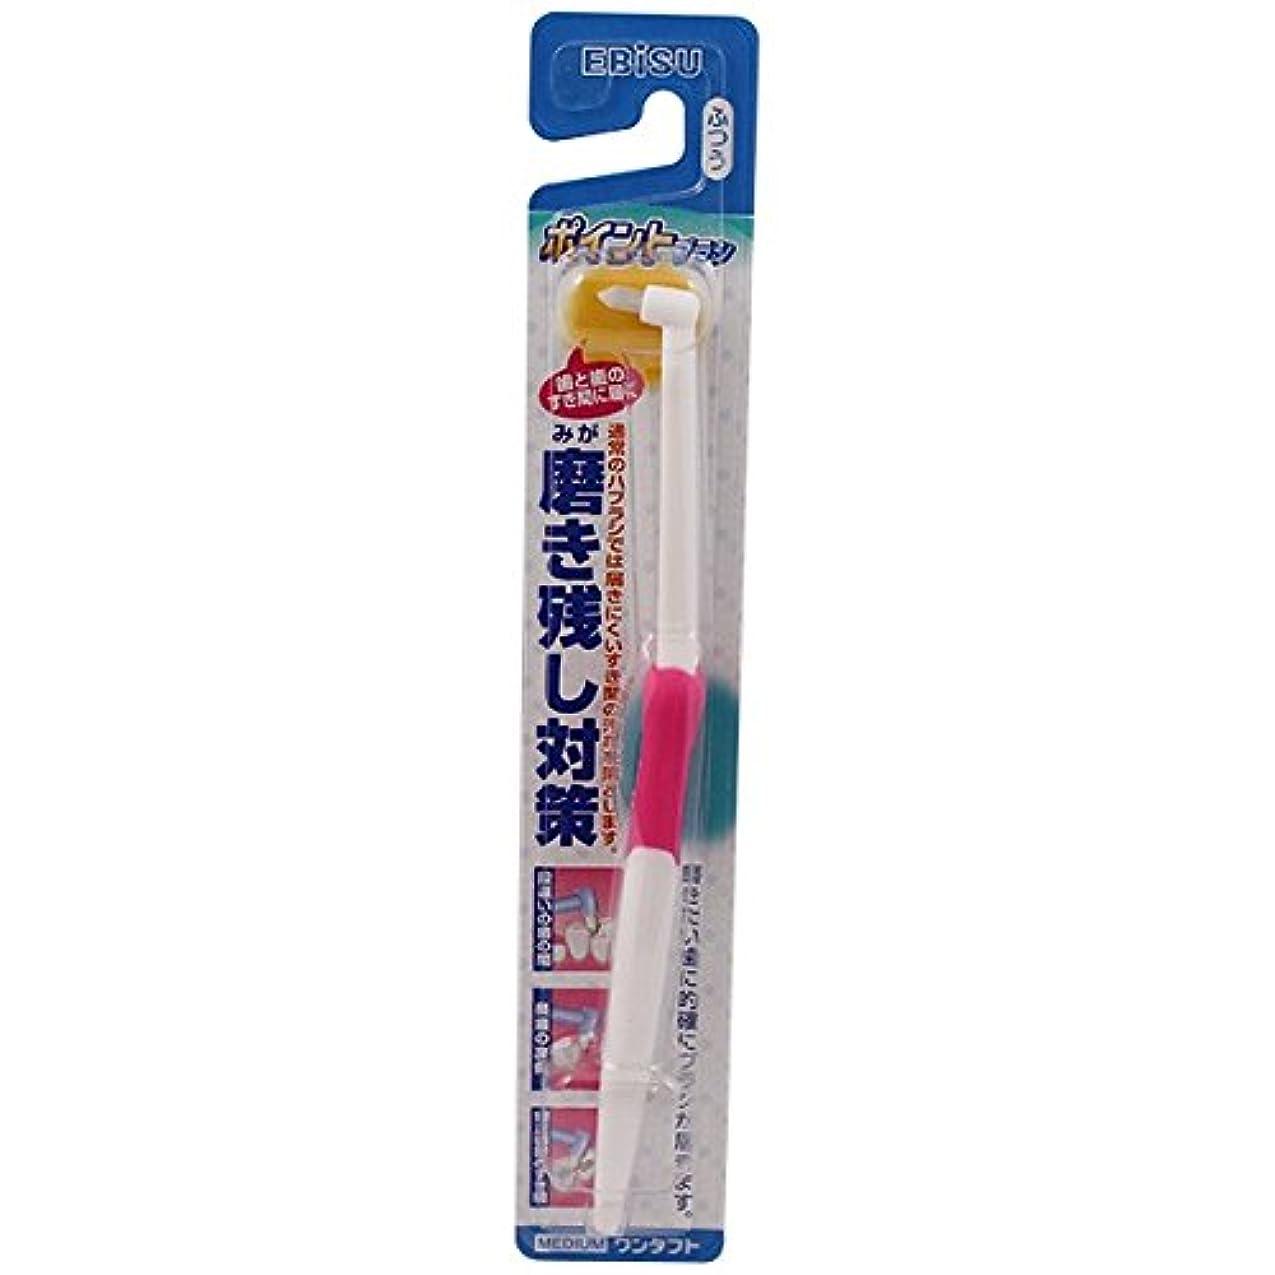 腰特徴二エビス ポイントブラシ ふつう 1本 (歯垢対策歯ブラシ) ペングリップラバー ×120点セット (4901221020401)